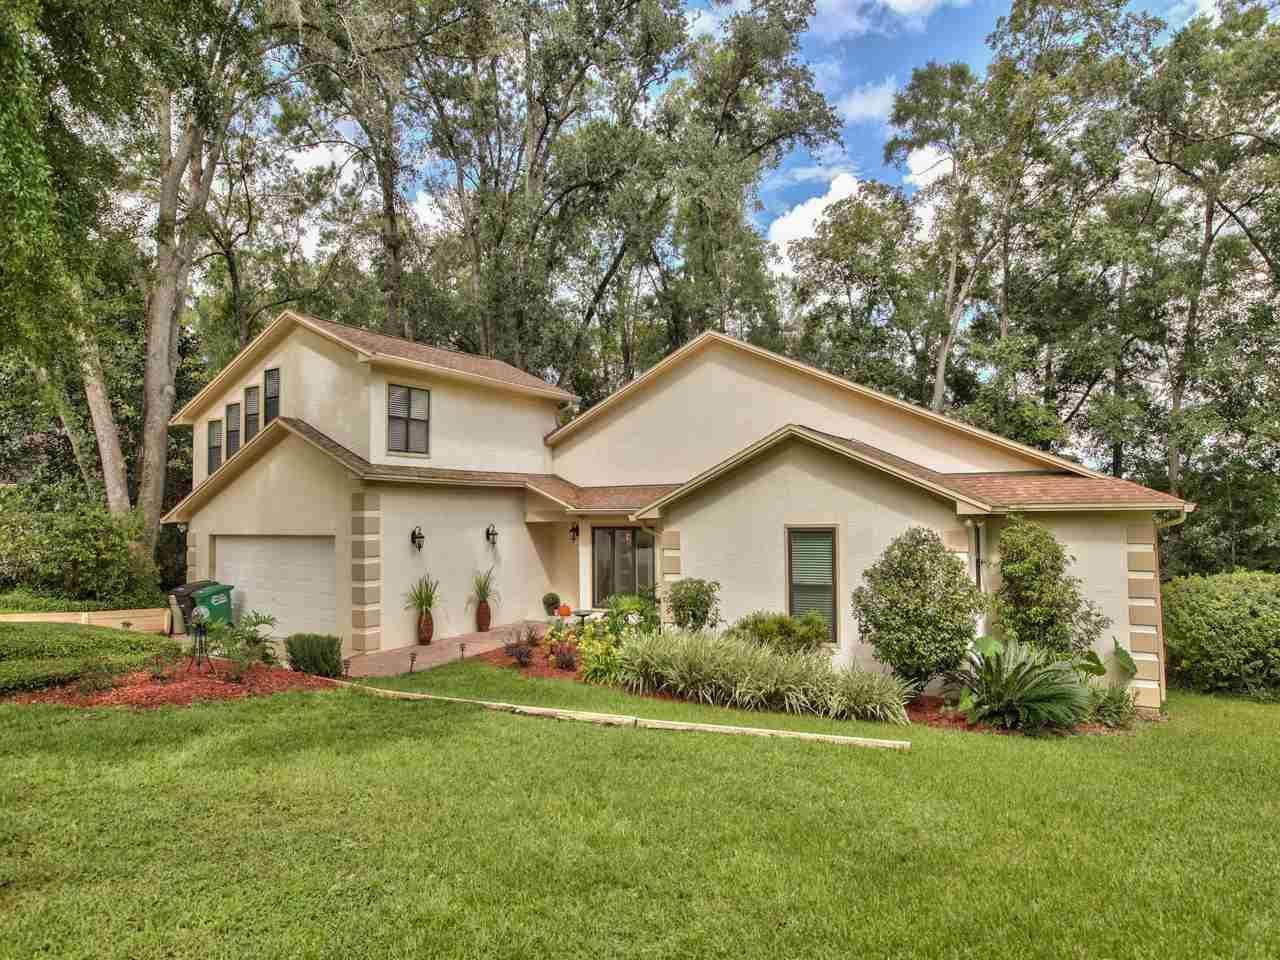 1553 Blockford Court, Tallahassee, FL 32317 - MLS#: 324209